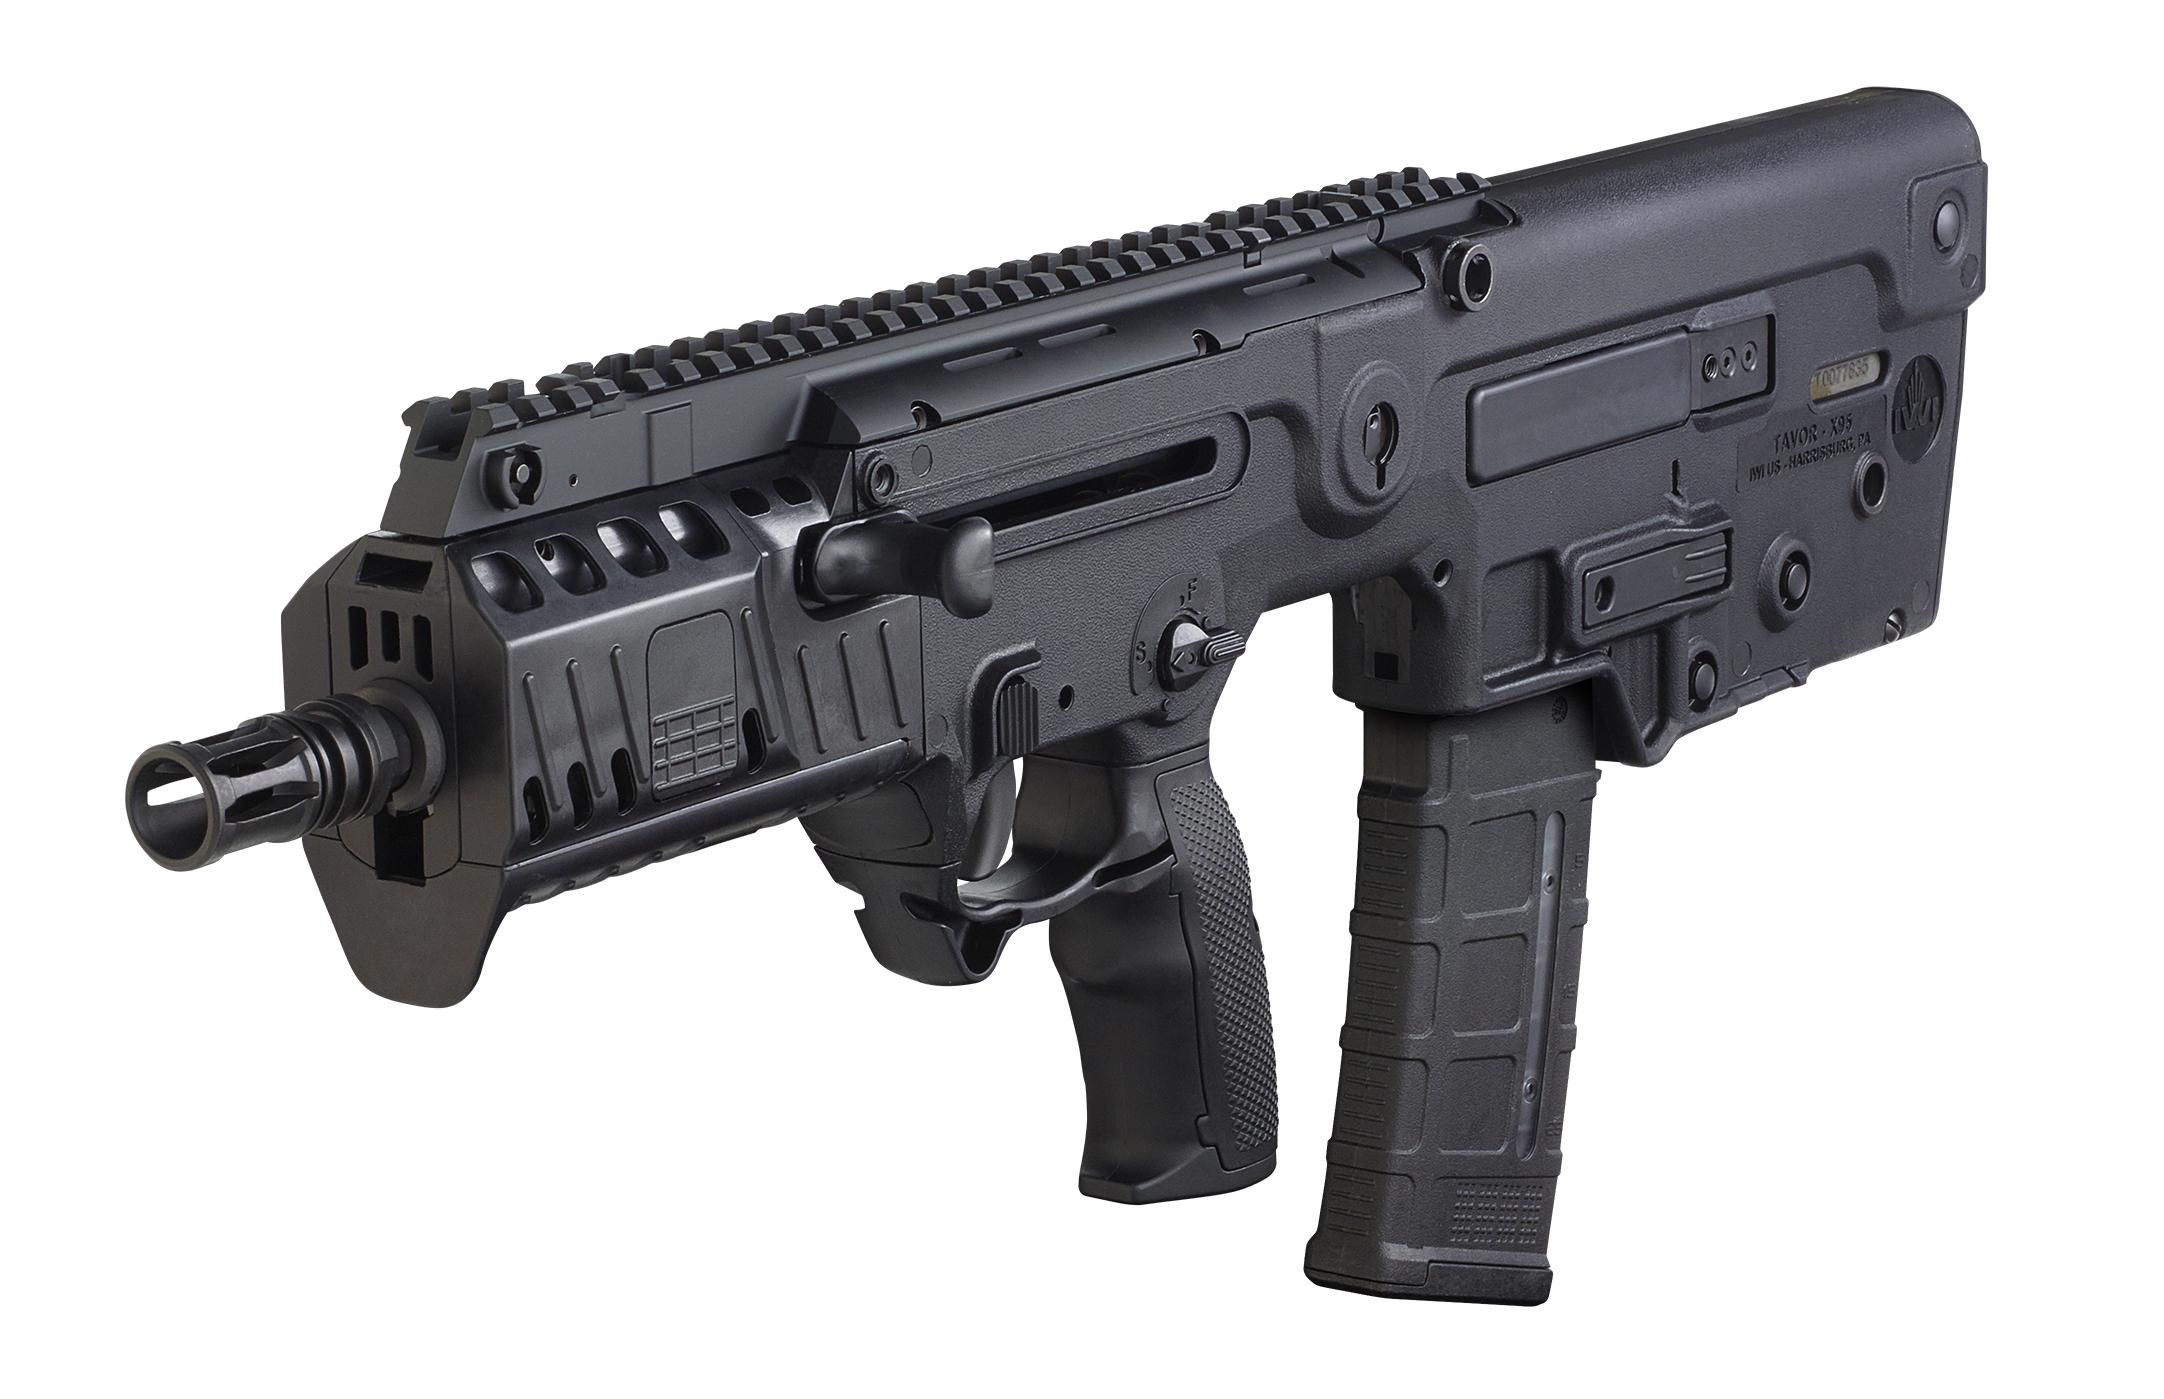 IWI - Israel Weapon Industries TAVOR X95 BULLPUP SBR 223 REM   5.56 NATO